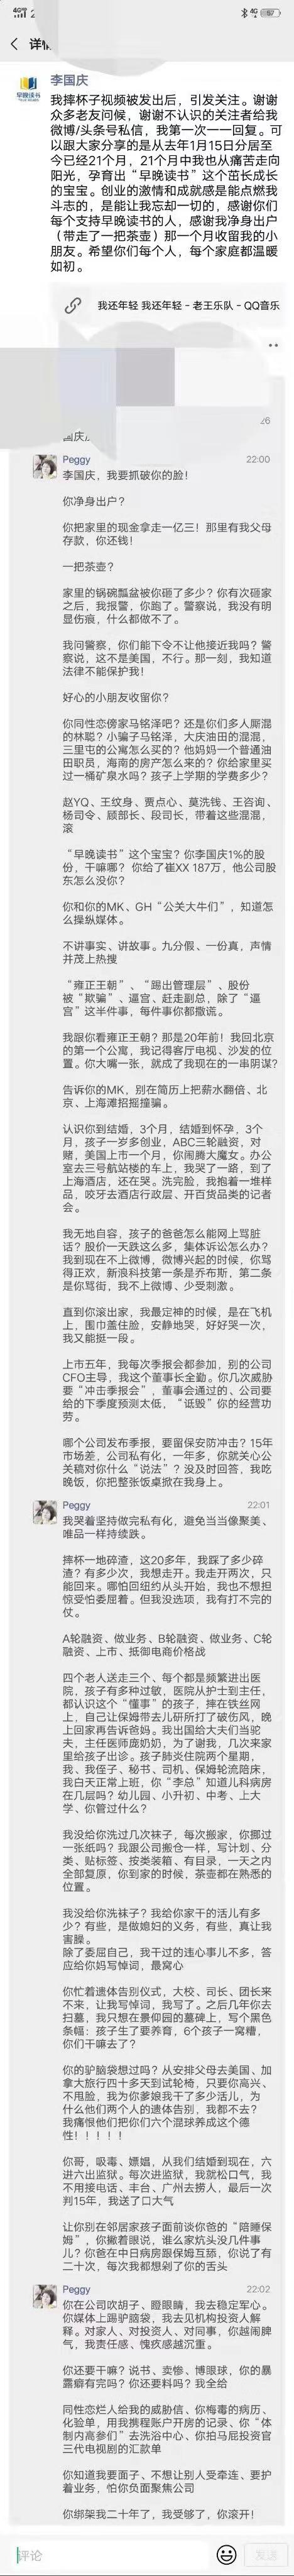 http://www.kzmahc.tw/jiajijiafang/506414.html